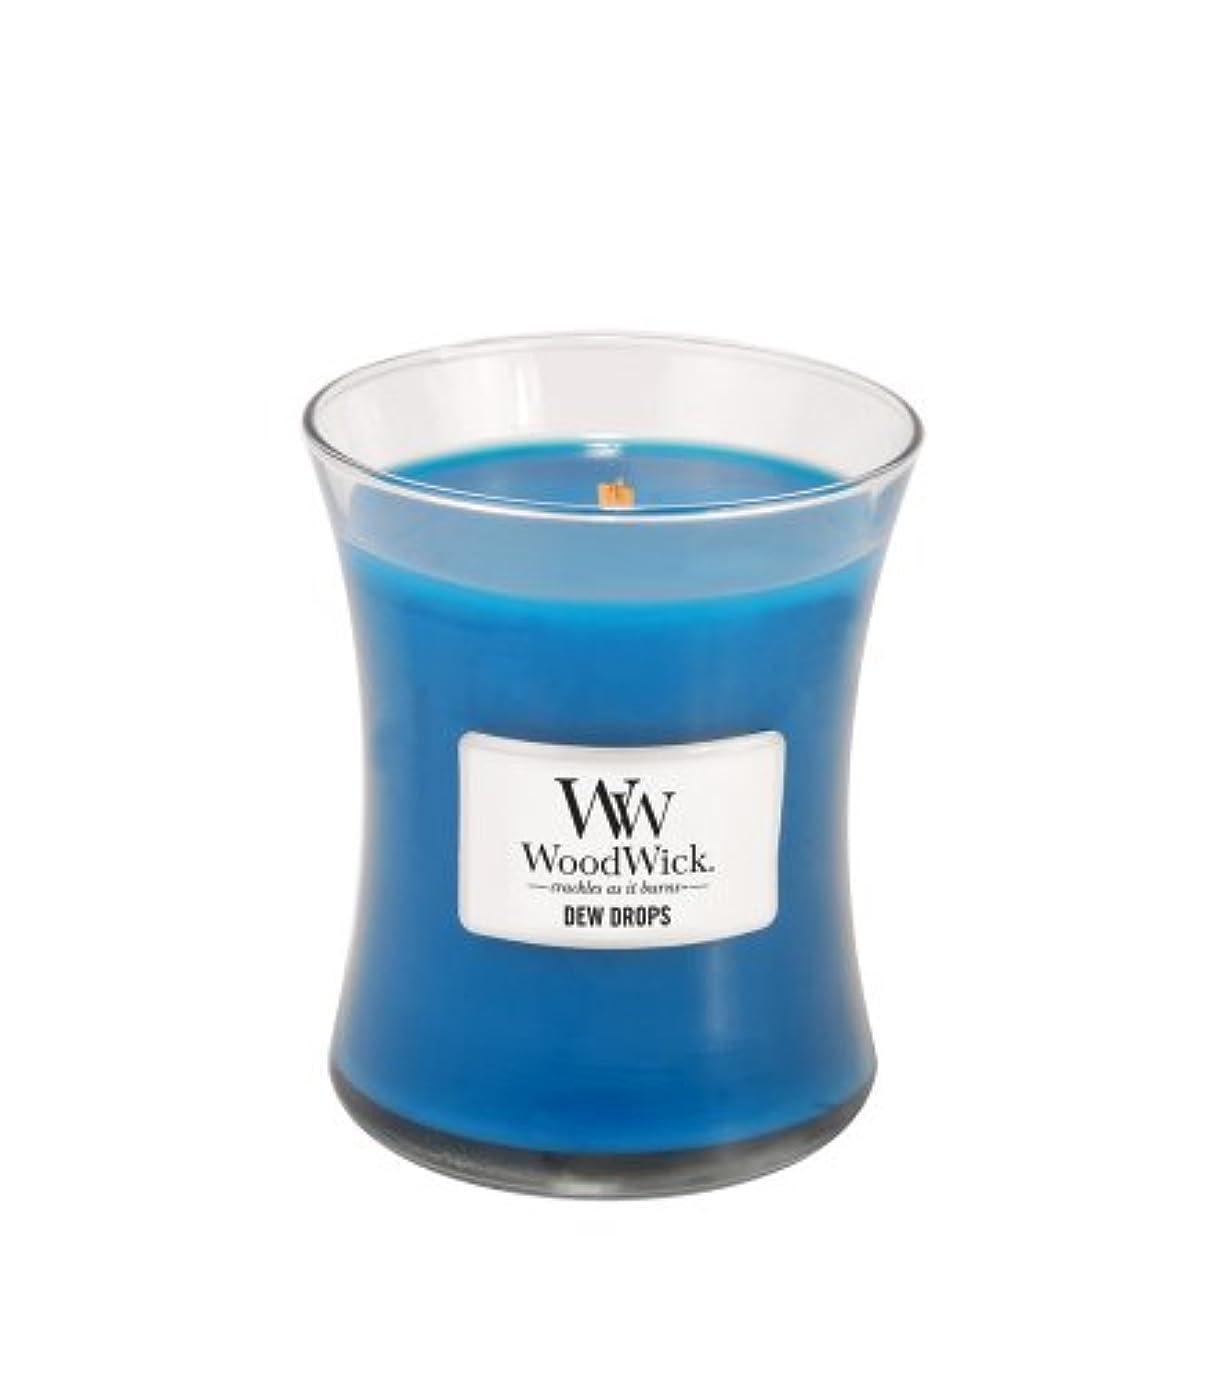 音楽を聴く兄弟愛件名(Medium) - WoodWick Dew Drops Fragrance Jar Candle, Medium